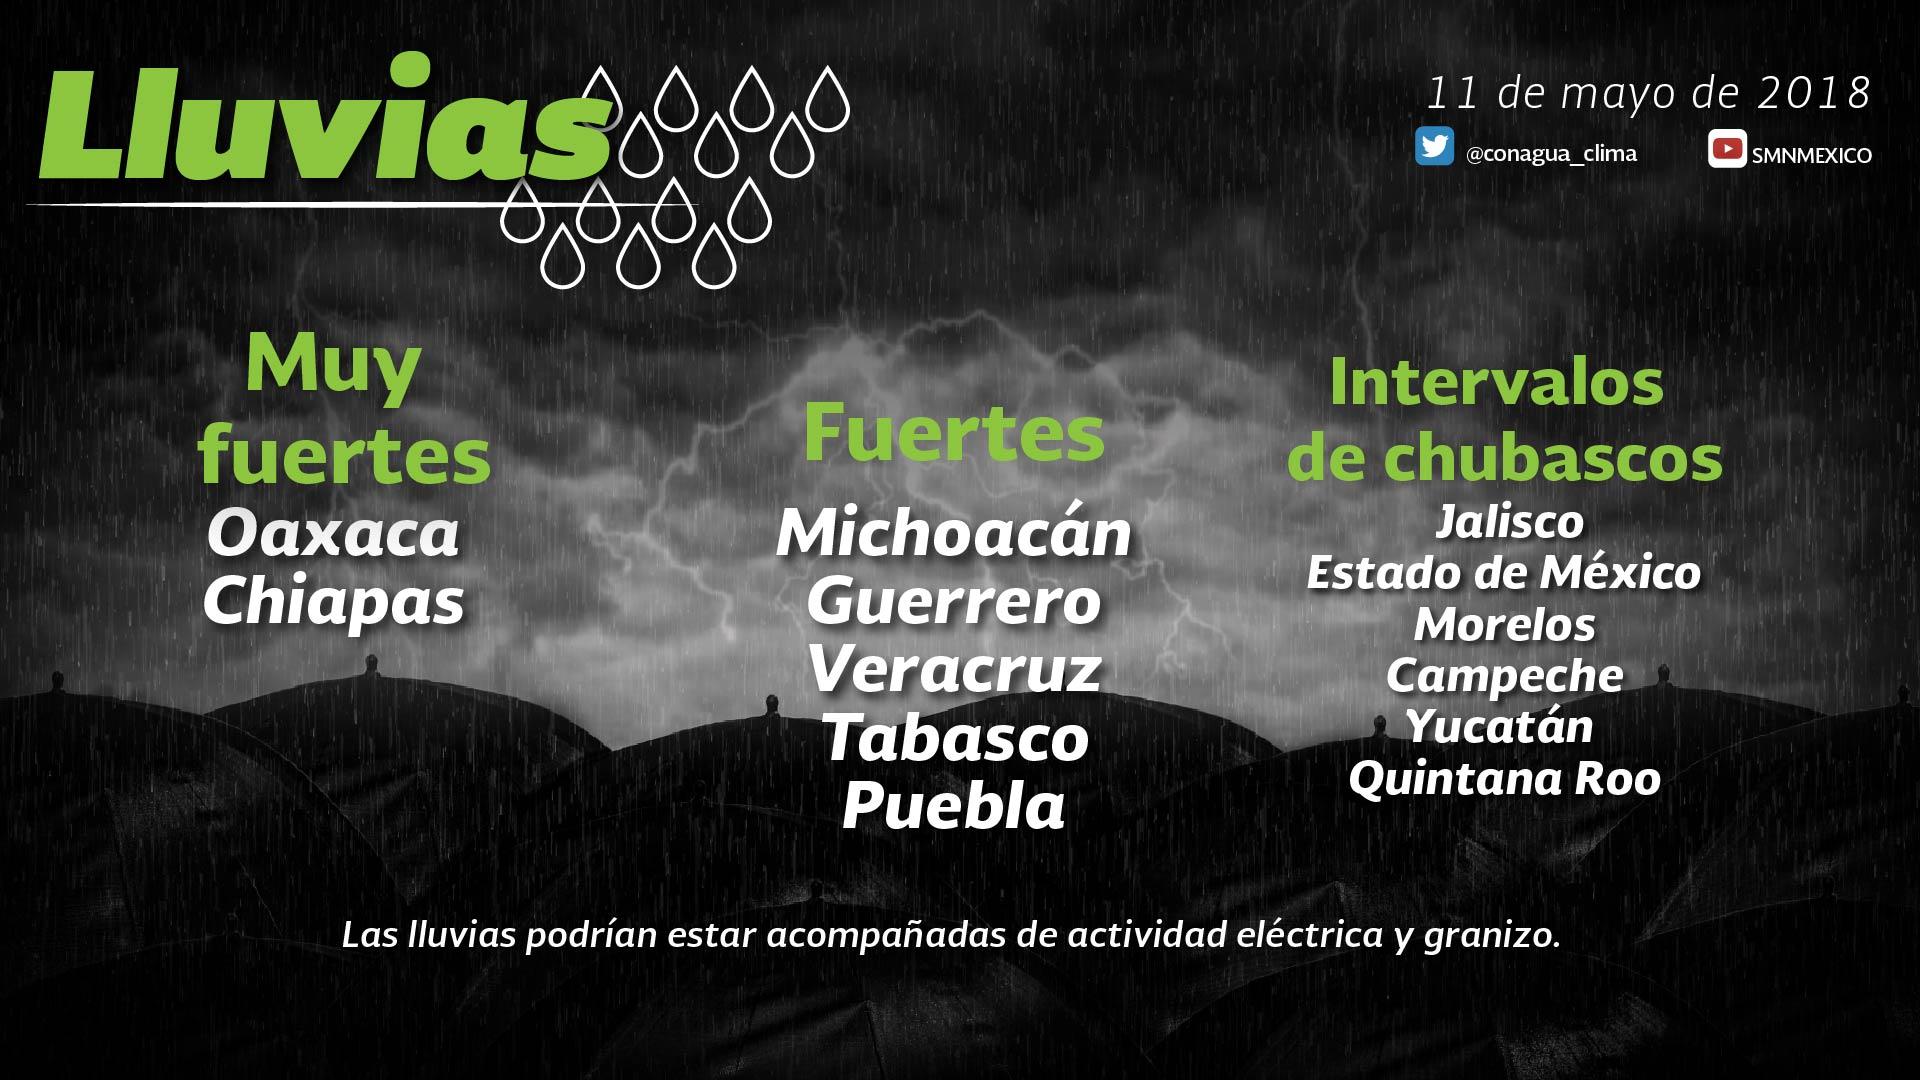 Se prevén, cielo nublado durante el día y ambiente cálido para Tlaxcala